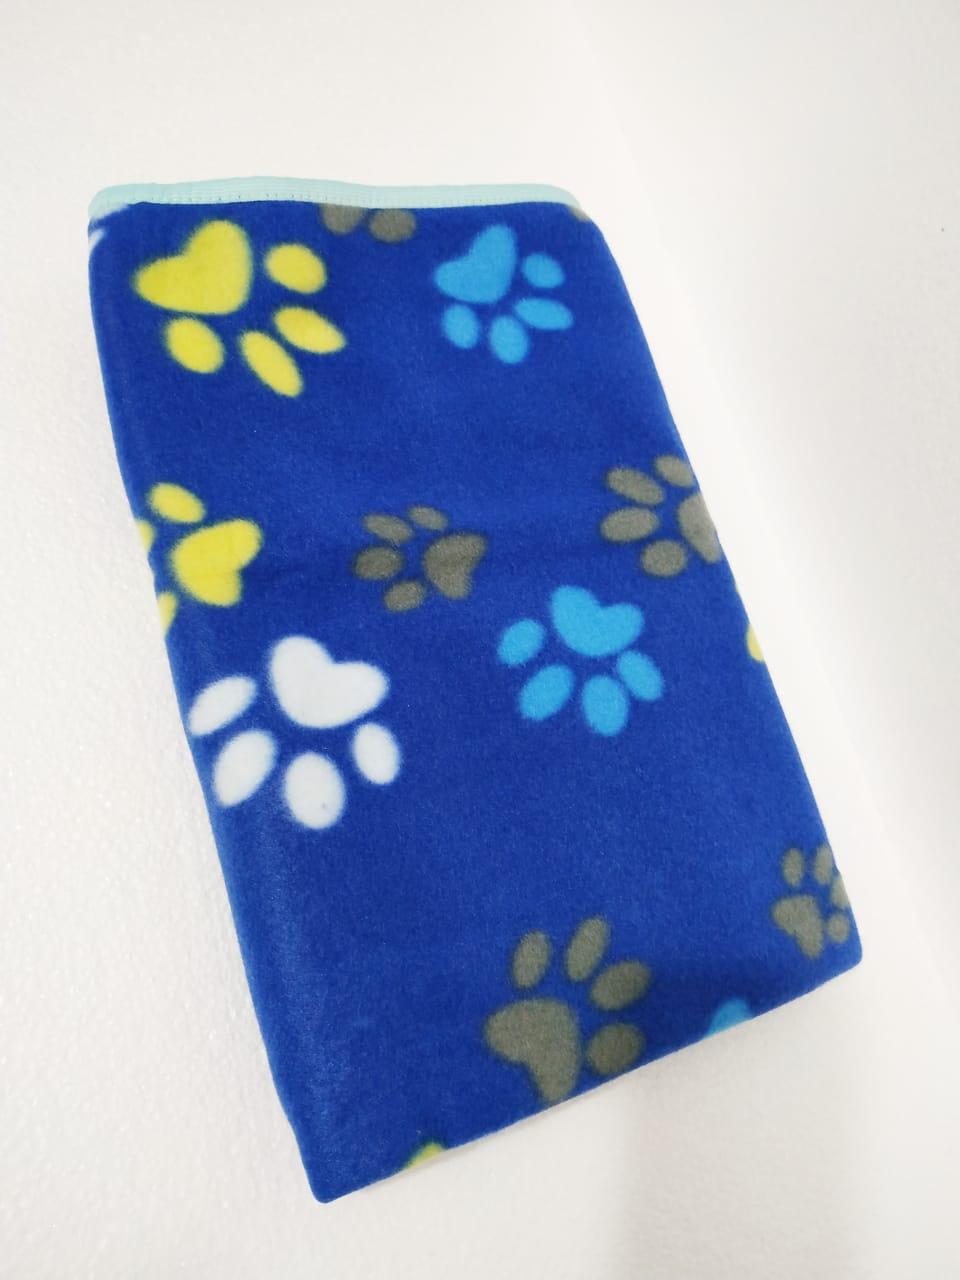 Manta Cobertor Soft Para Pet Cachorro E Gato Azul  - FISHPET Comércio de Acessórios para Animais Ltda.